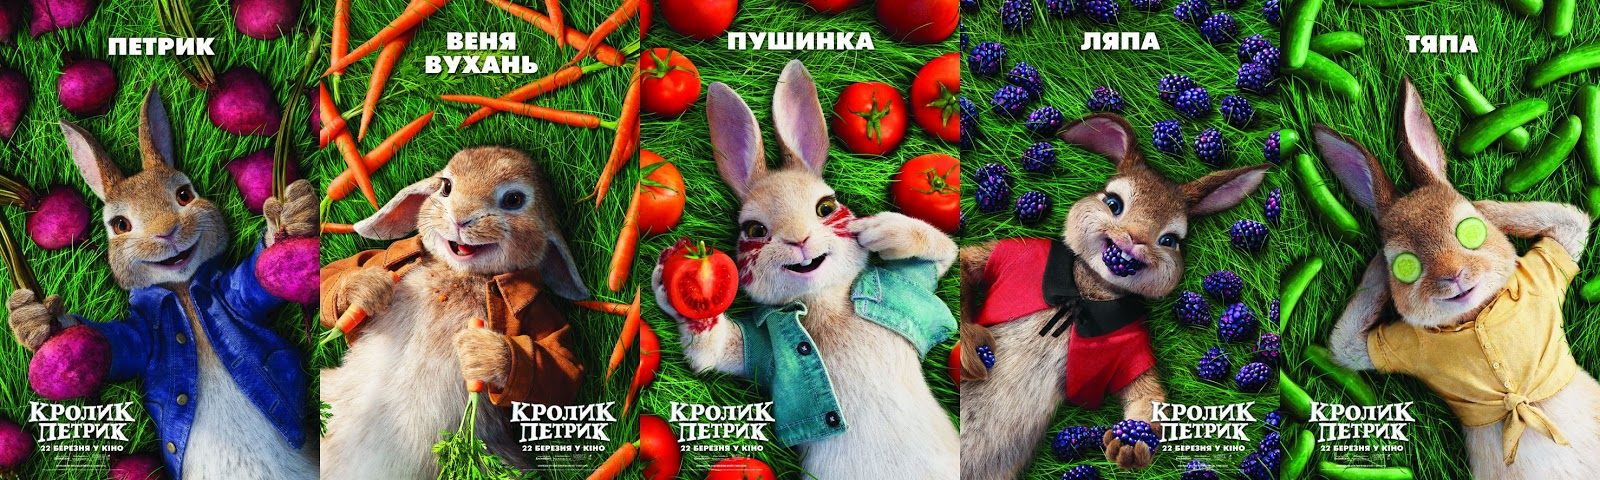 Кролики это не только ...... весело но и поучительно